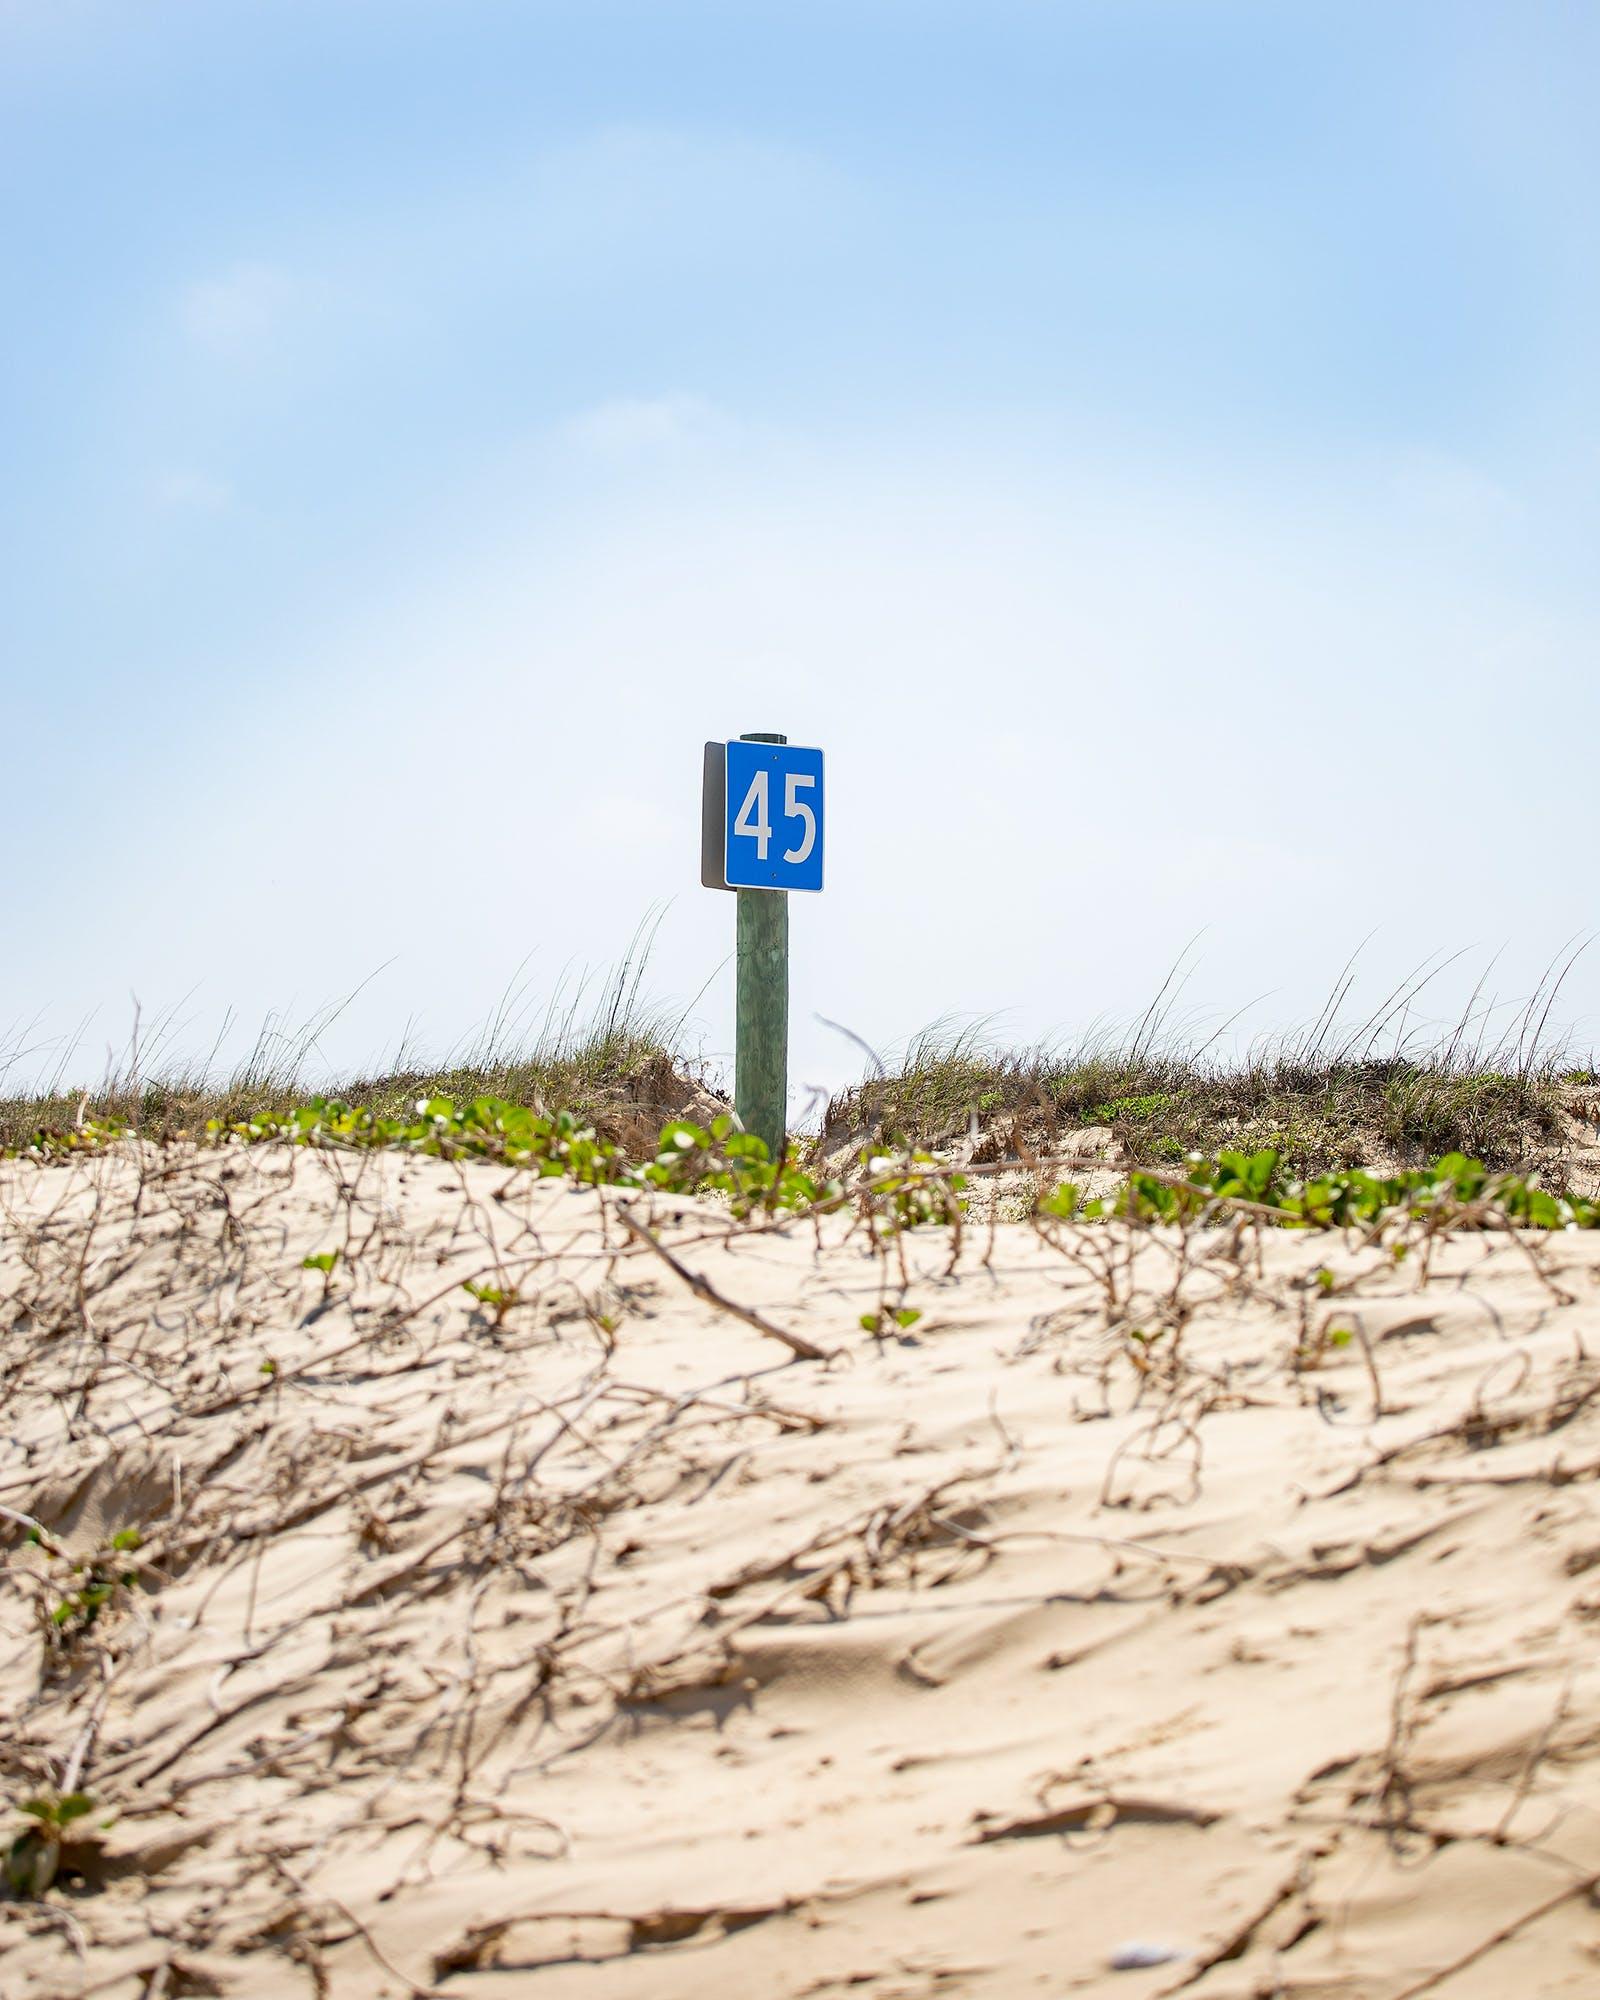 mile marker 45 on Padre Island National Seashore.